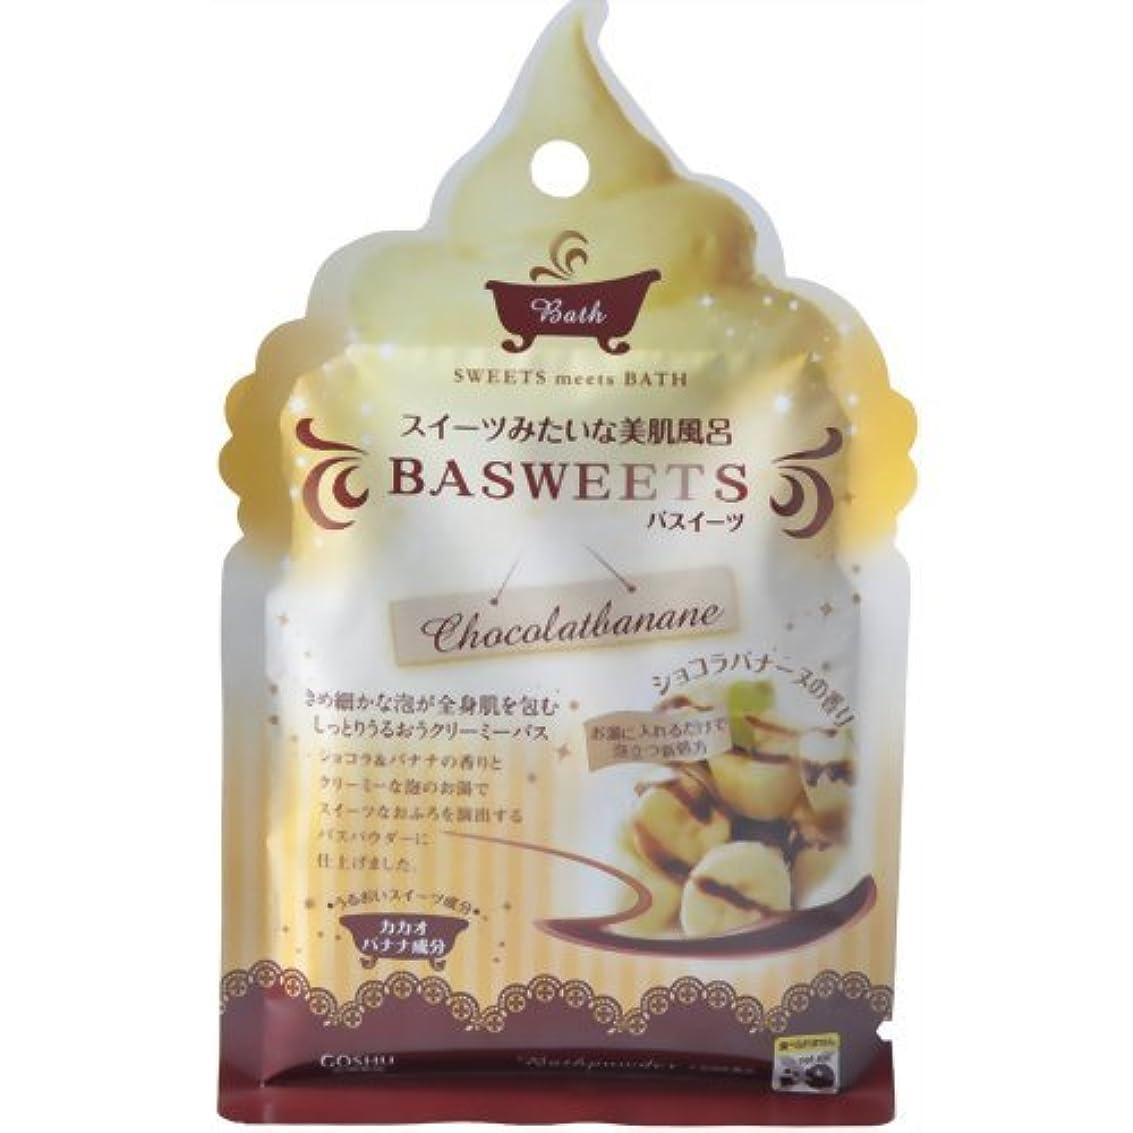 翻訳する手段太平洋諸島バスイーツ ショコラバナーヌの香り 50g(入浴剤)